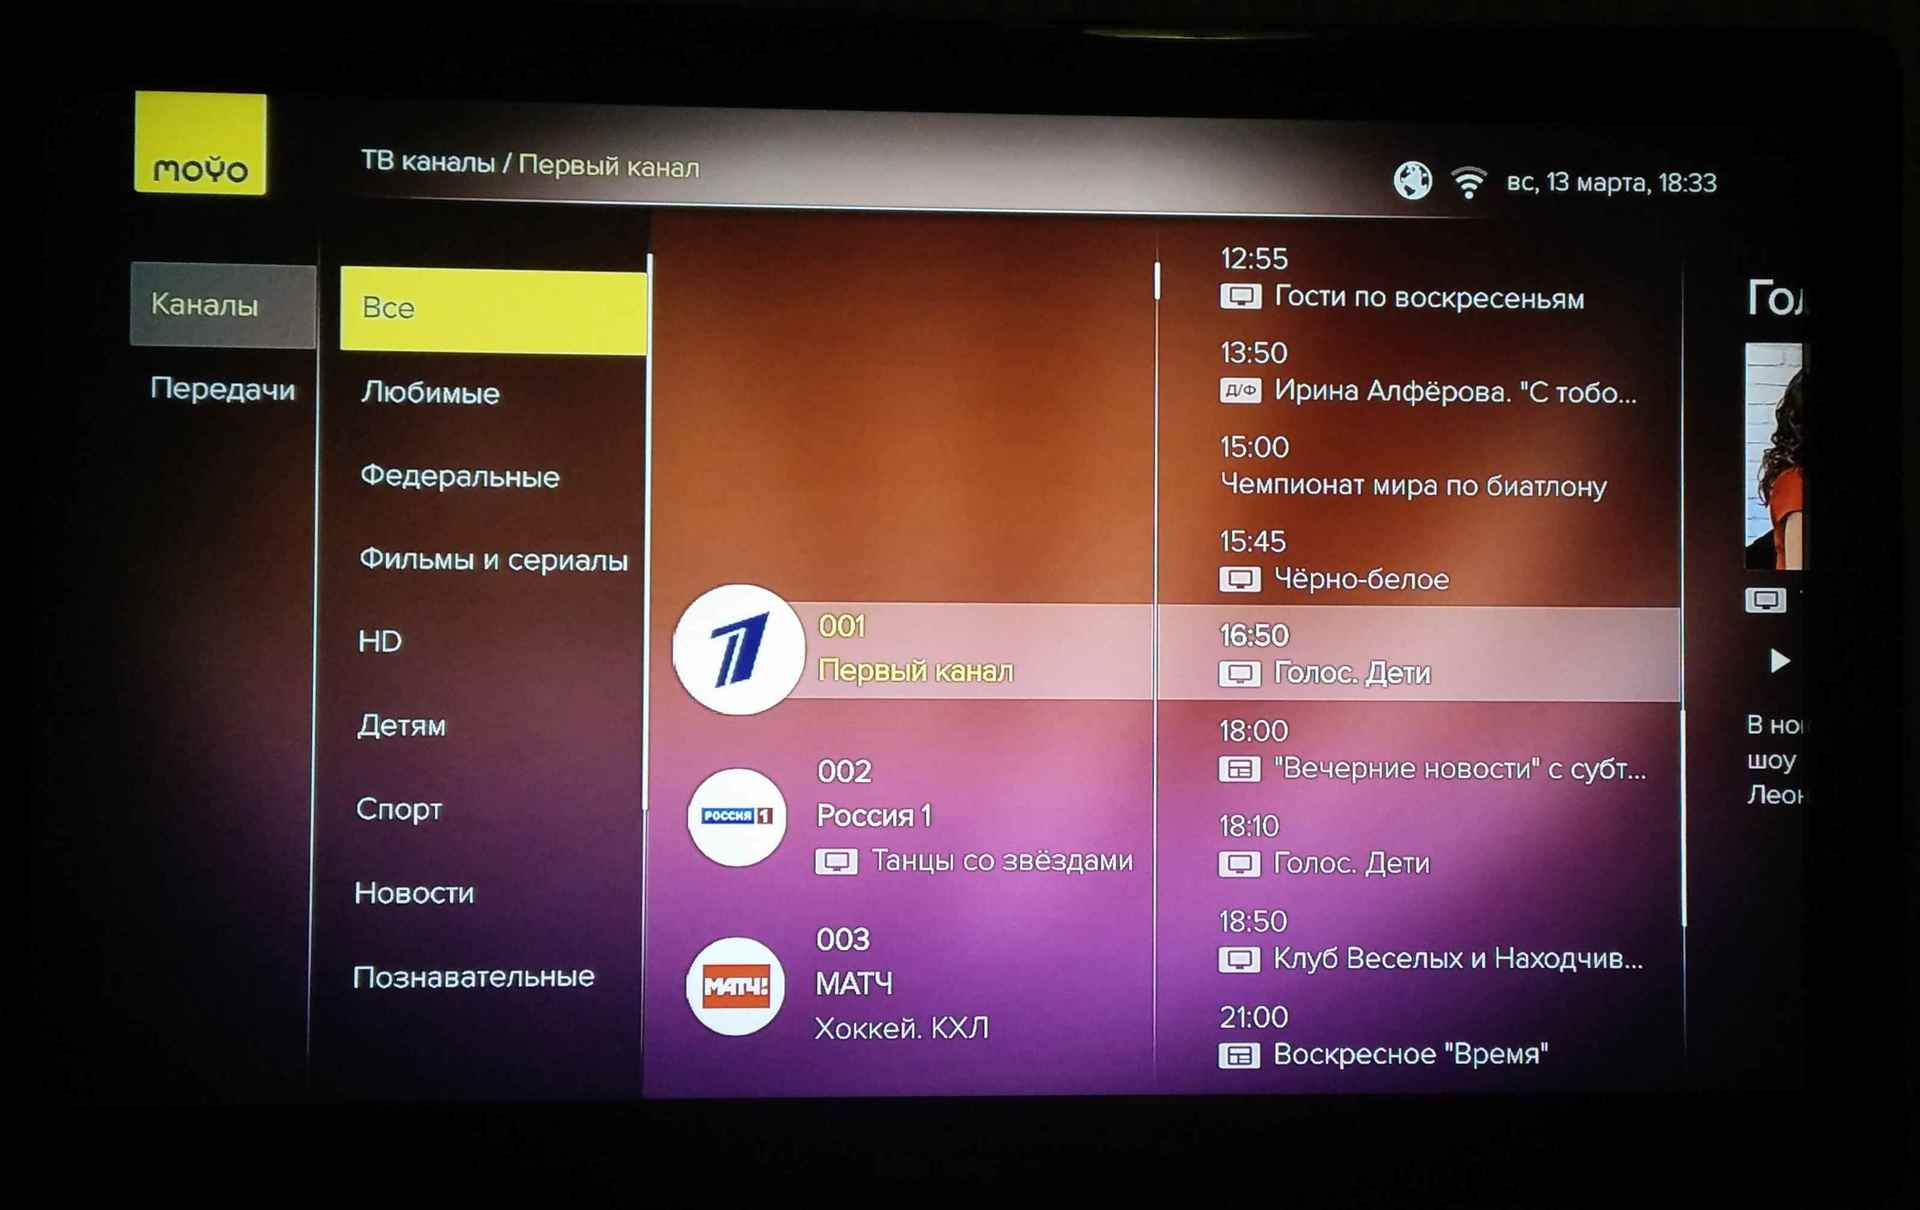 MOYO WOW — ТВ тоже может быть с интеллектом - 63